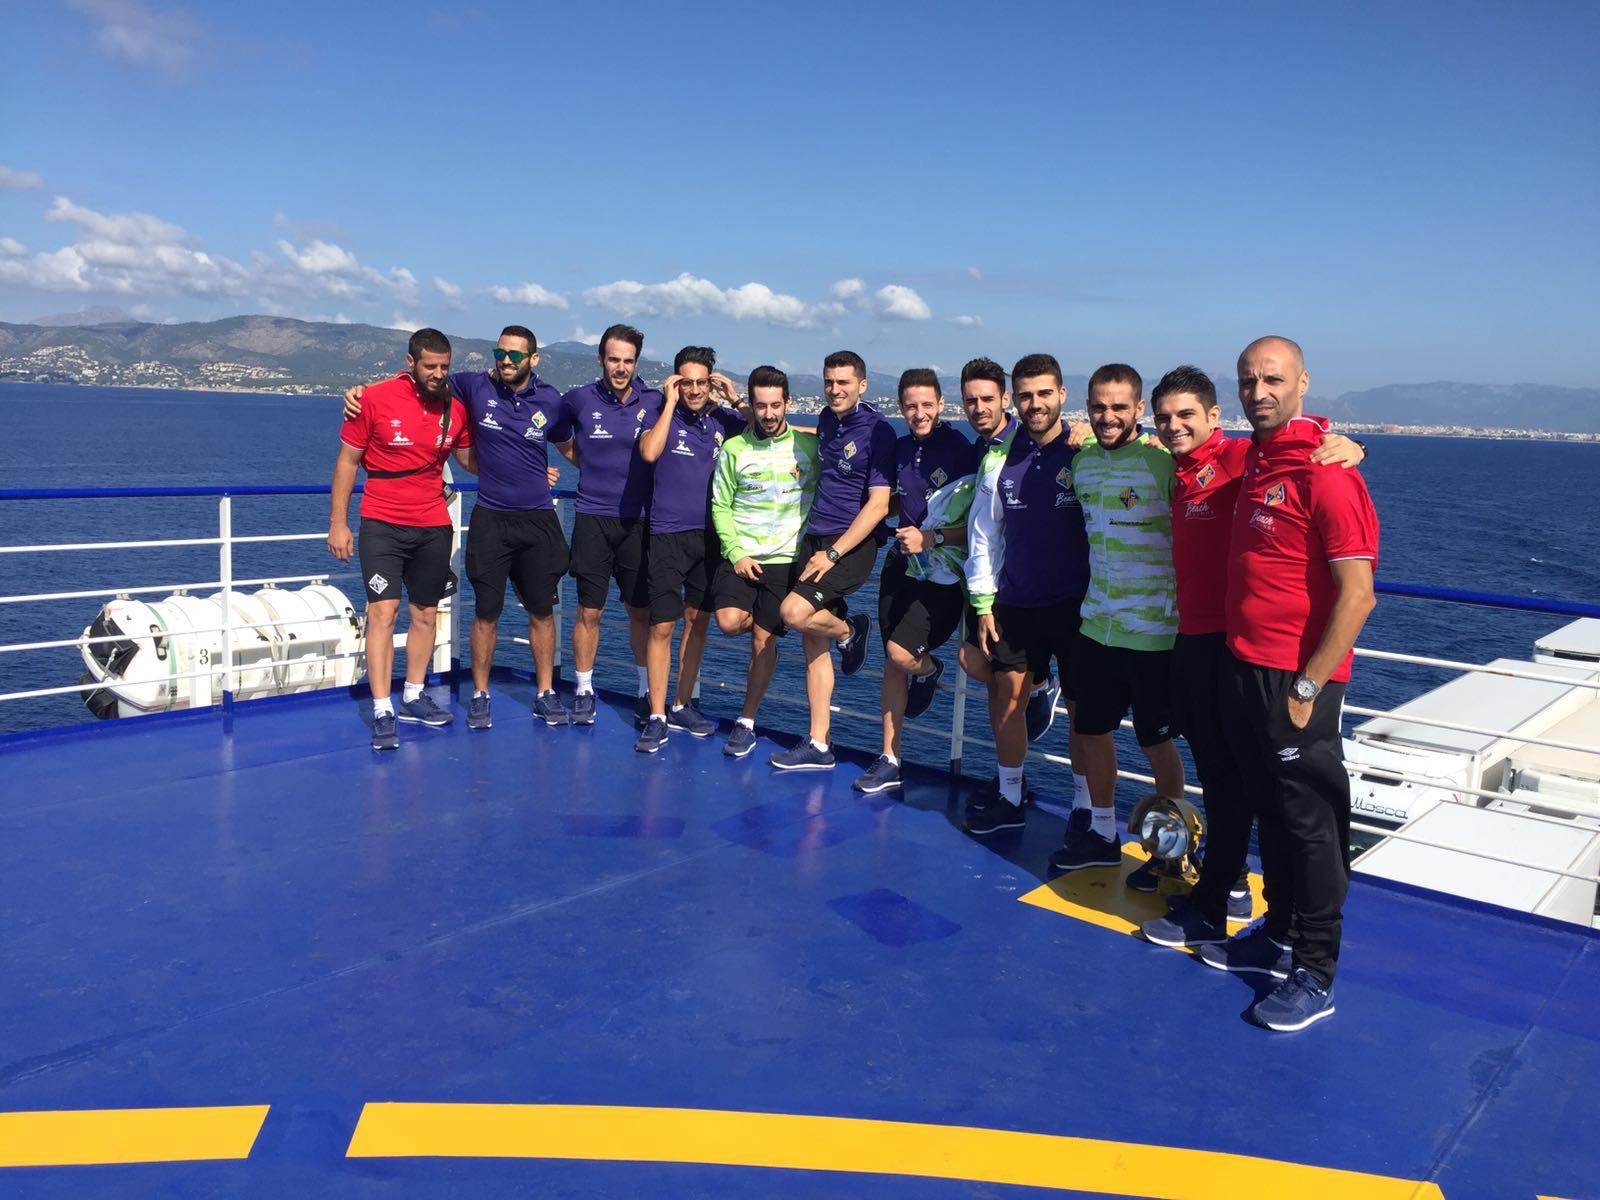 La plantilla de Palma posa en la cubierta del buque con Mallorca al fondo 2